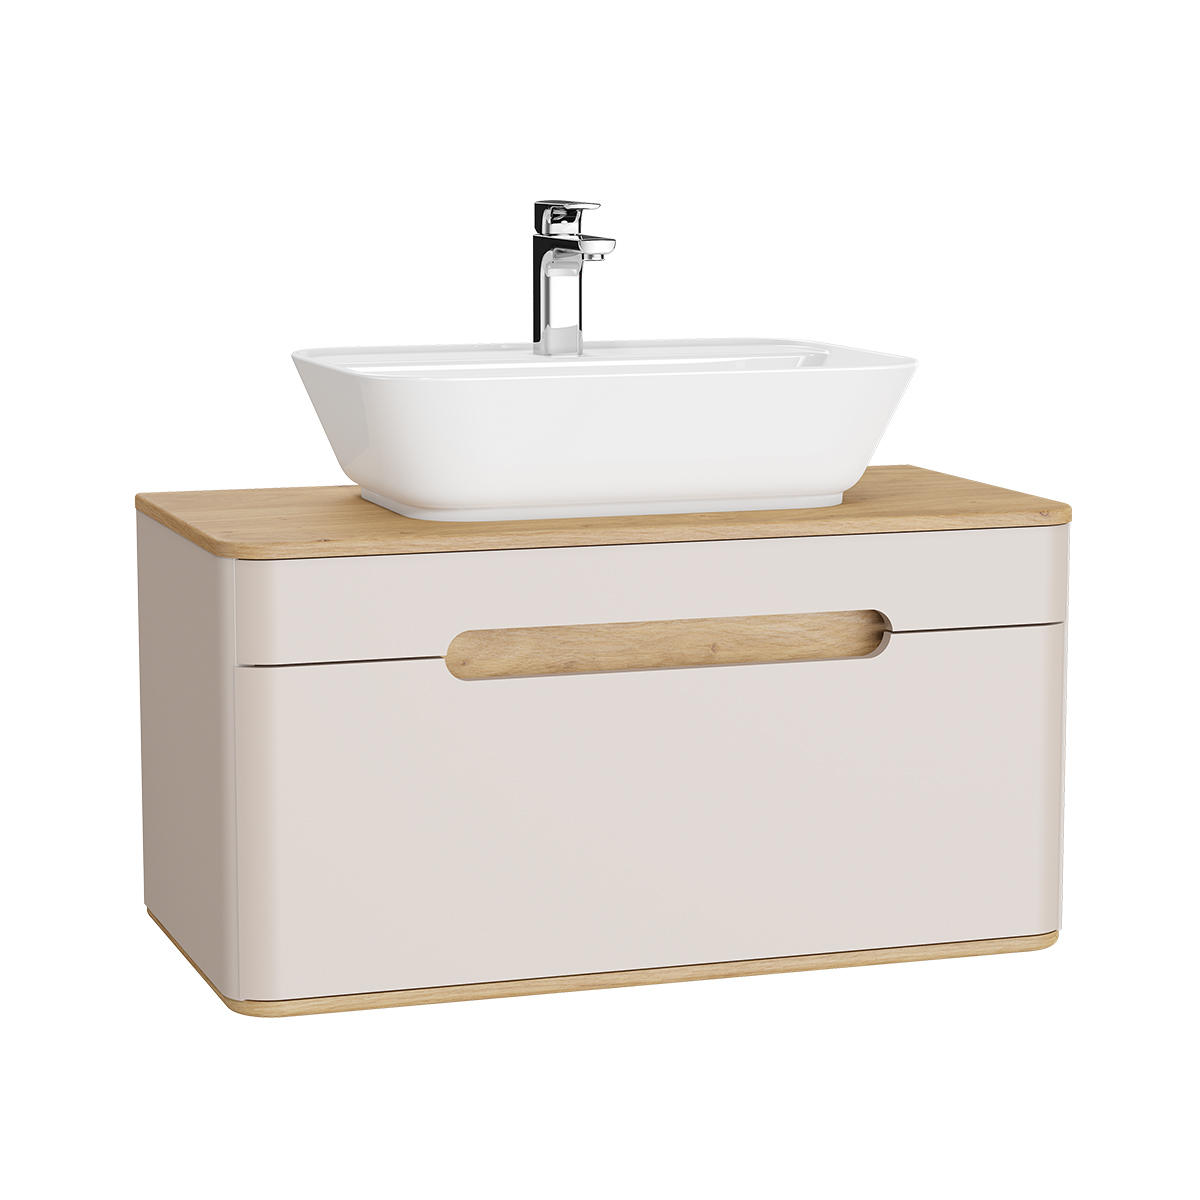 Sento Waschtischunterschrank, 90 cm, für Aufsatzwaschtische, mit 1 Vollauszug, Crème Matt